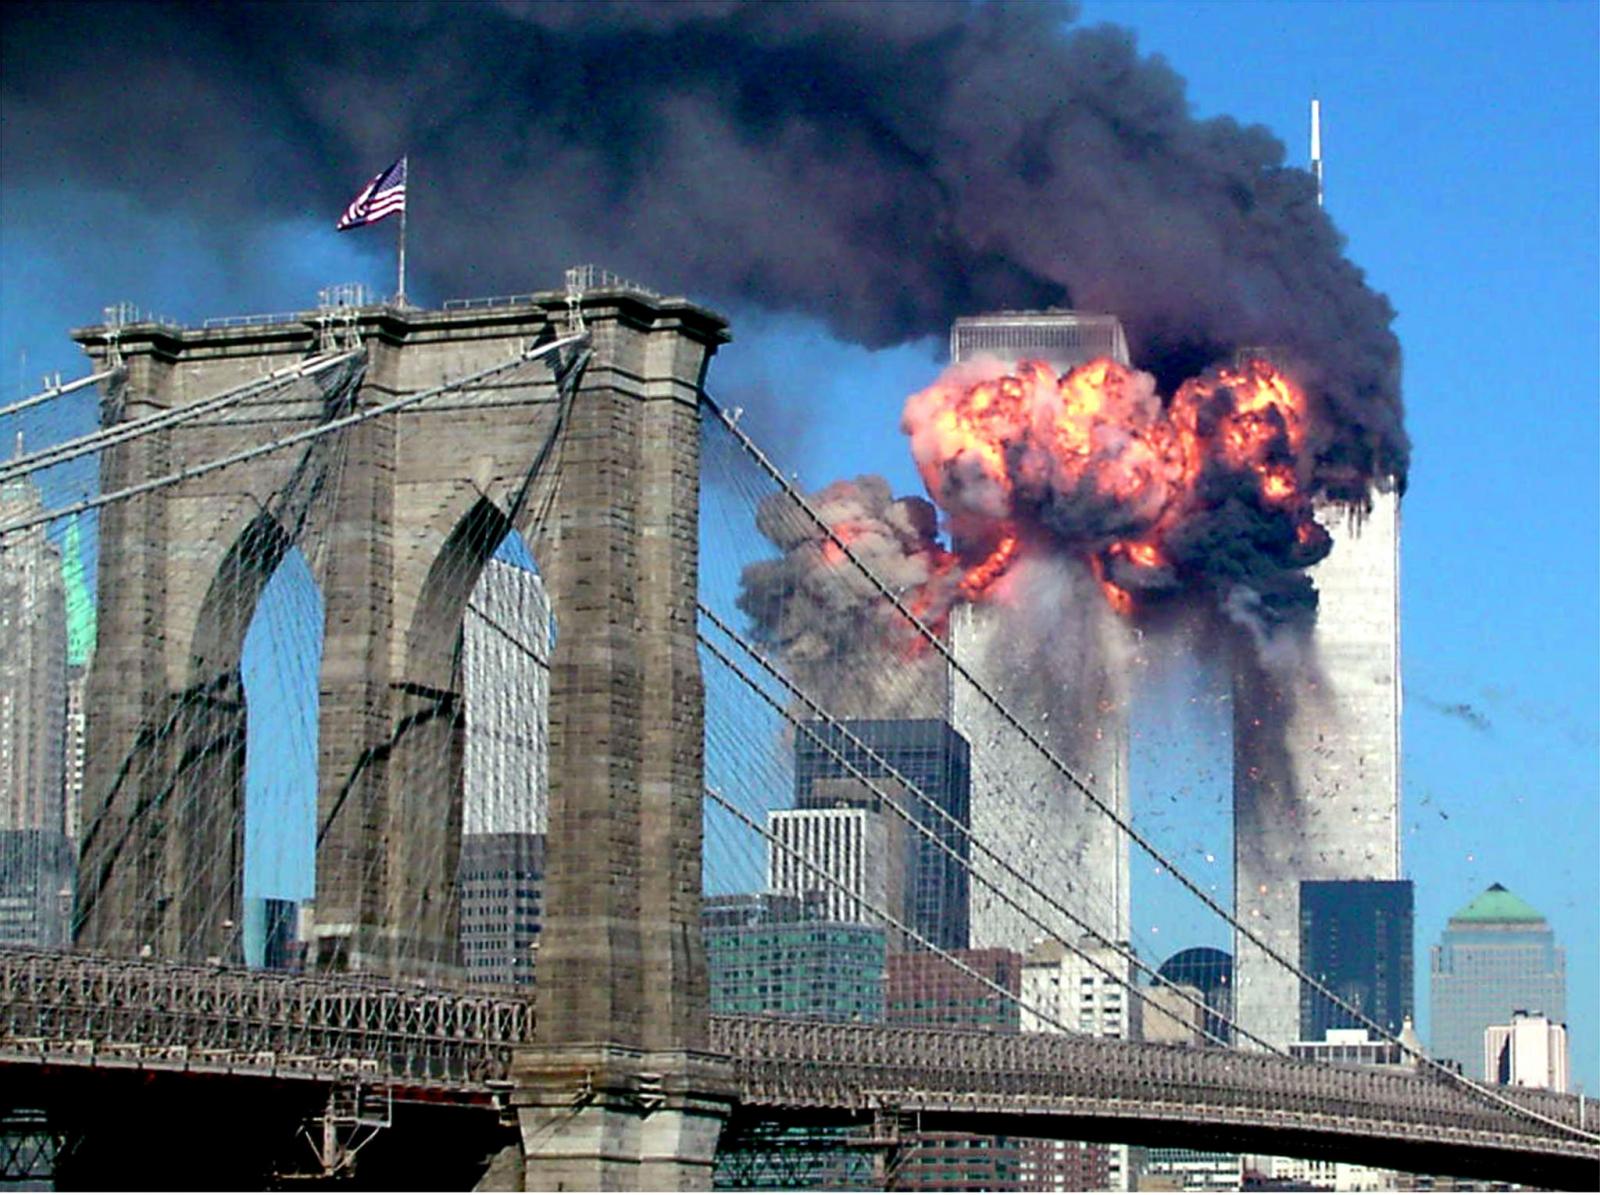 Did Nostradamus Really Predict the 9/11 Terrorist Attacks?